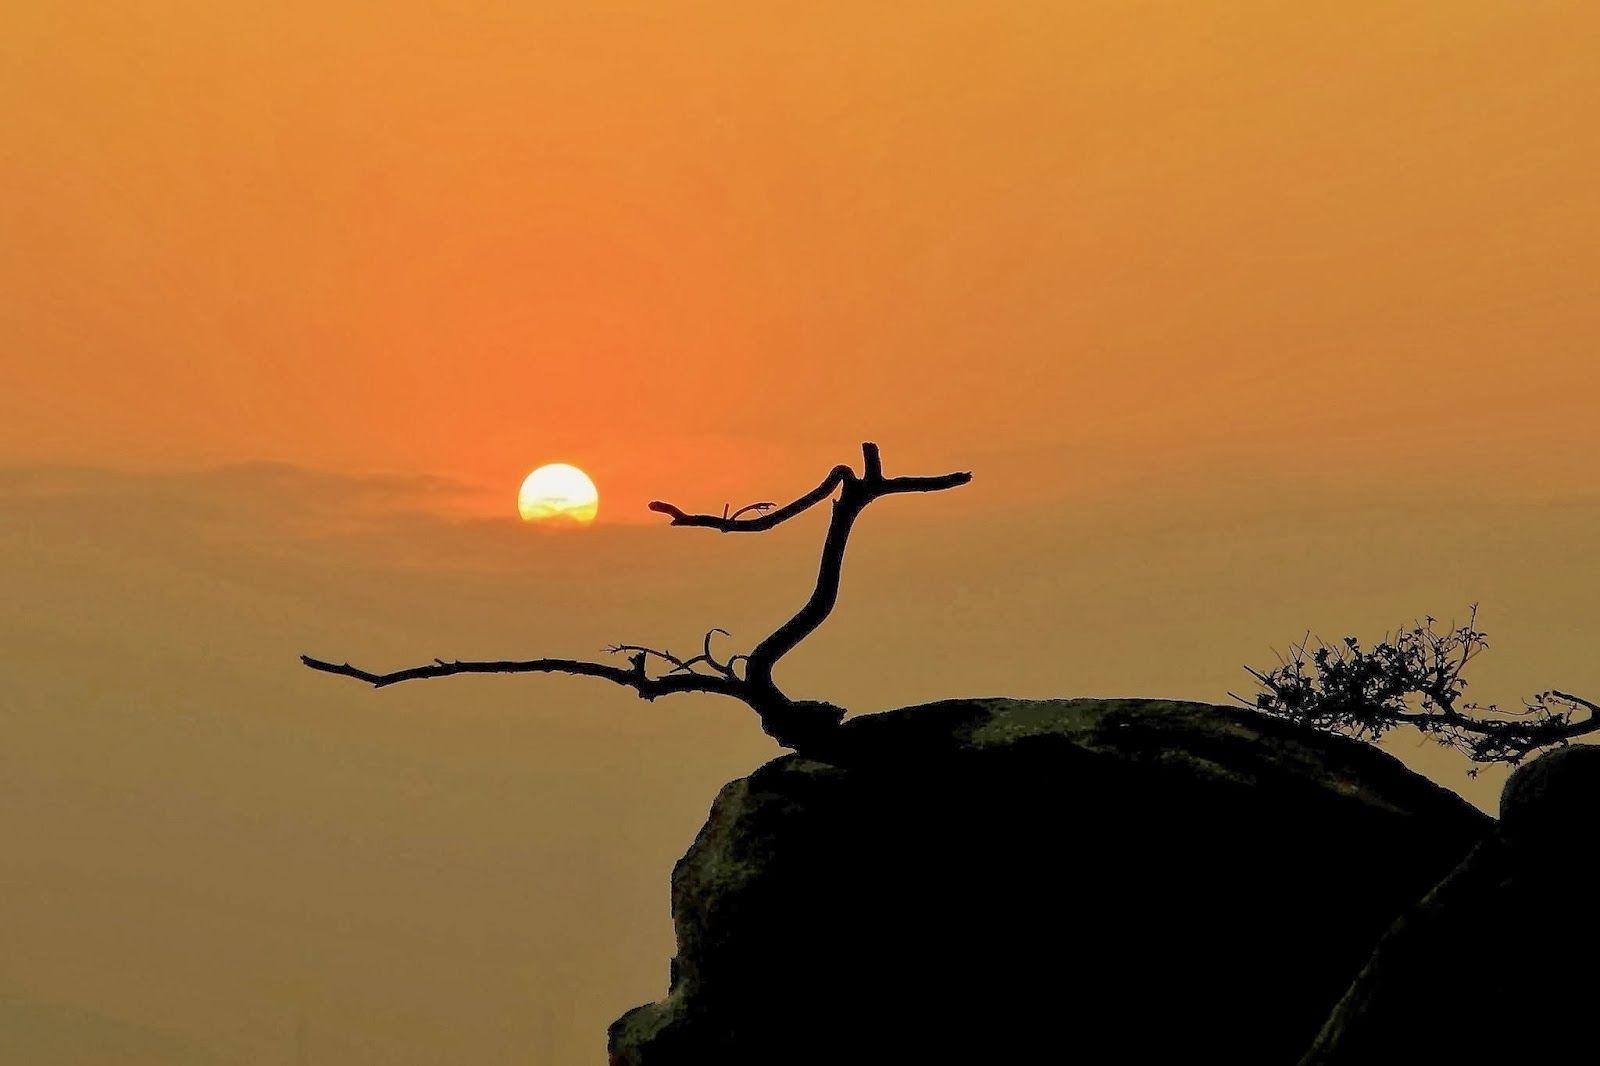 الشفق الاحمر غروب الشمس Hd Sunset Celestial Celestial Bodies